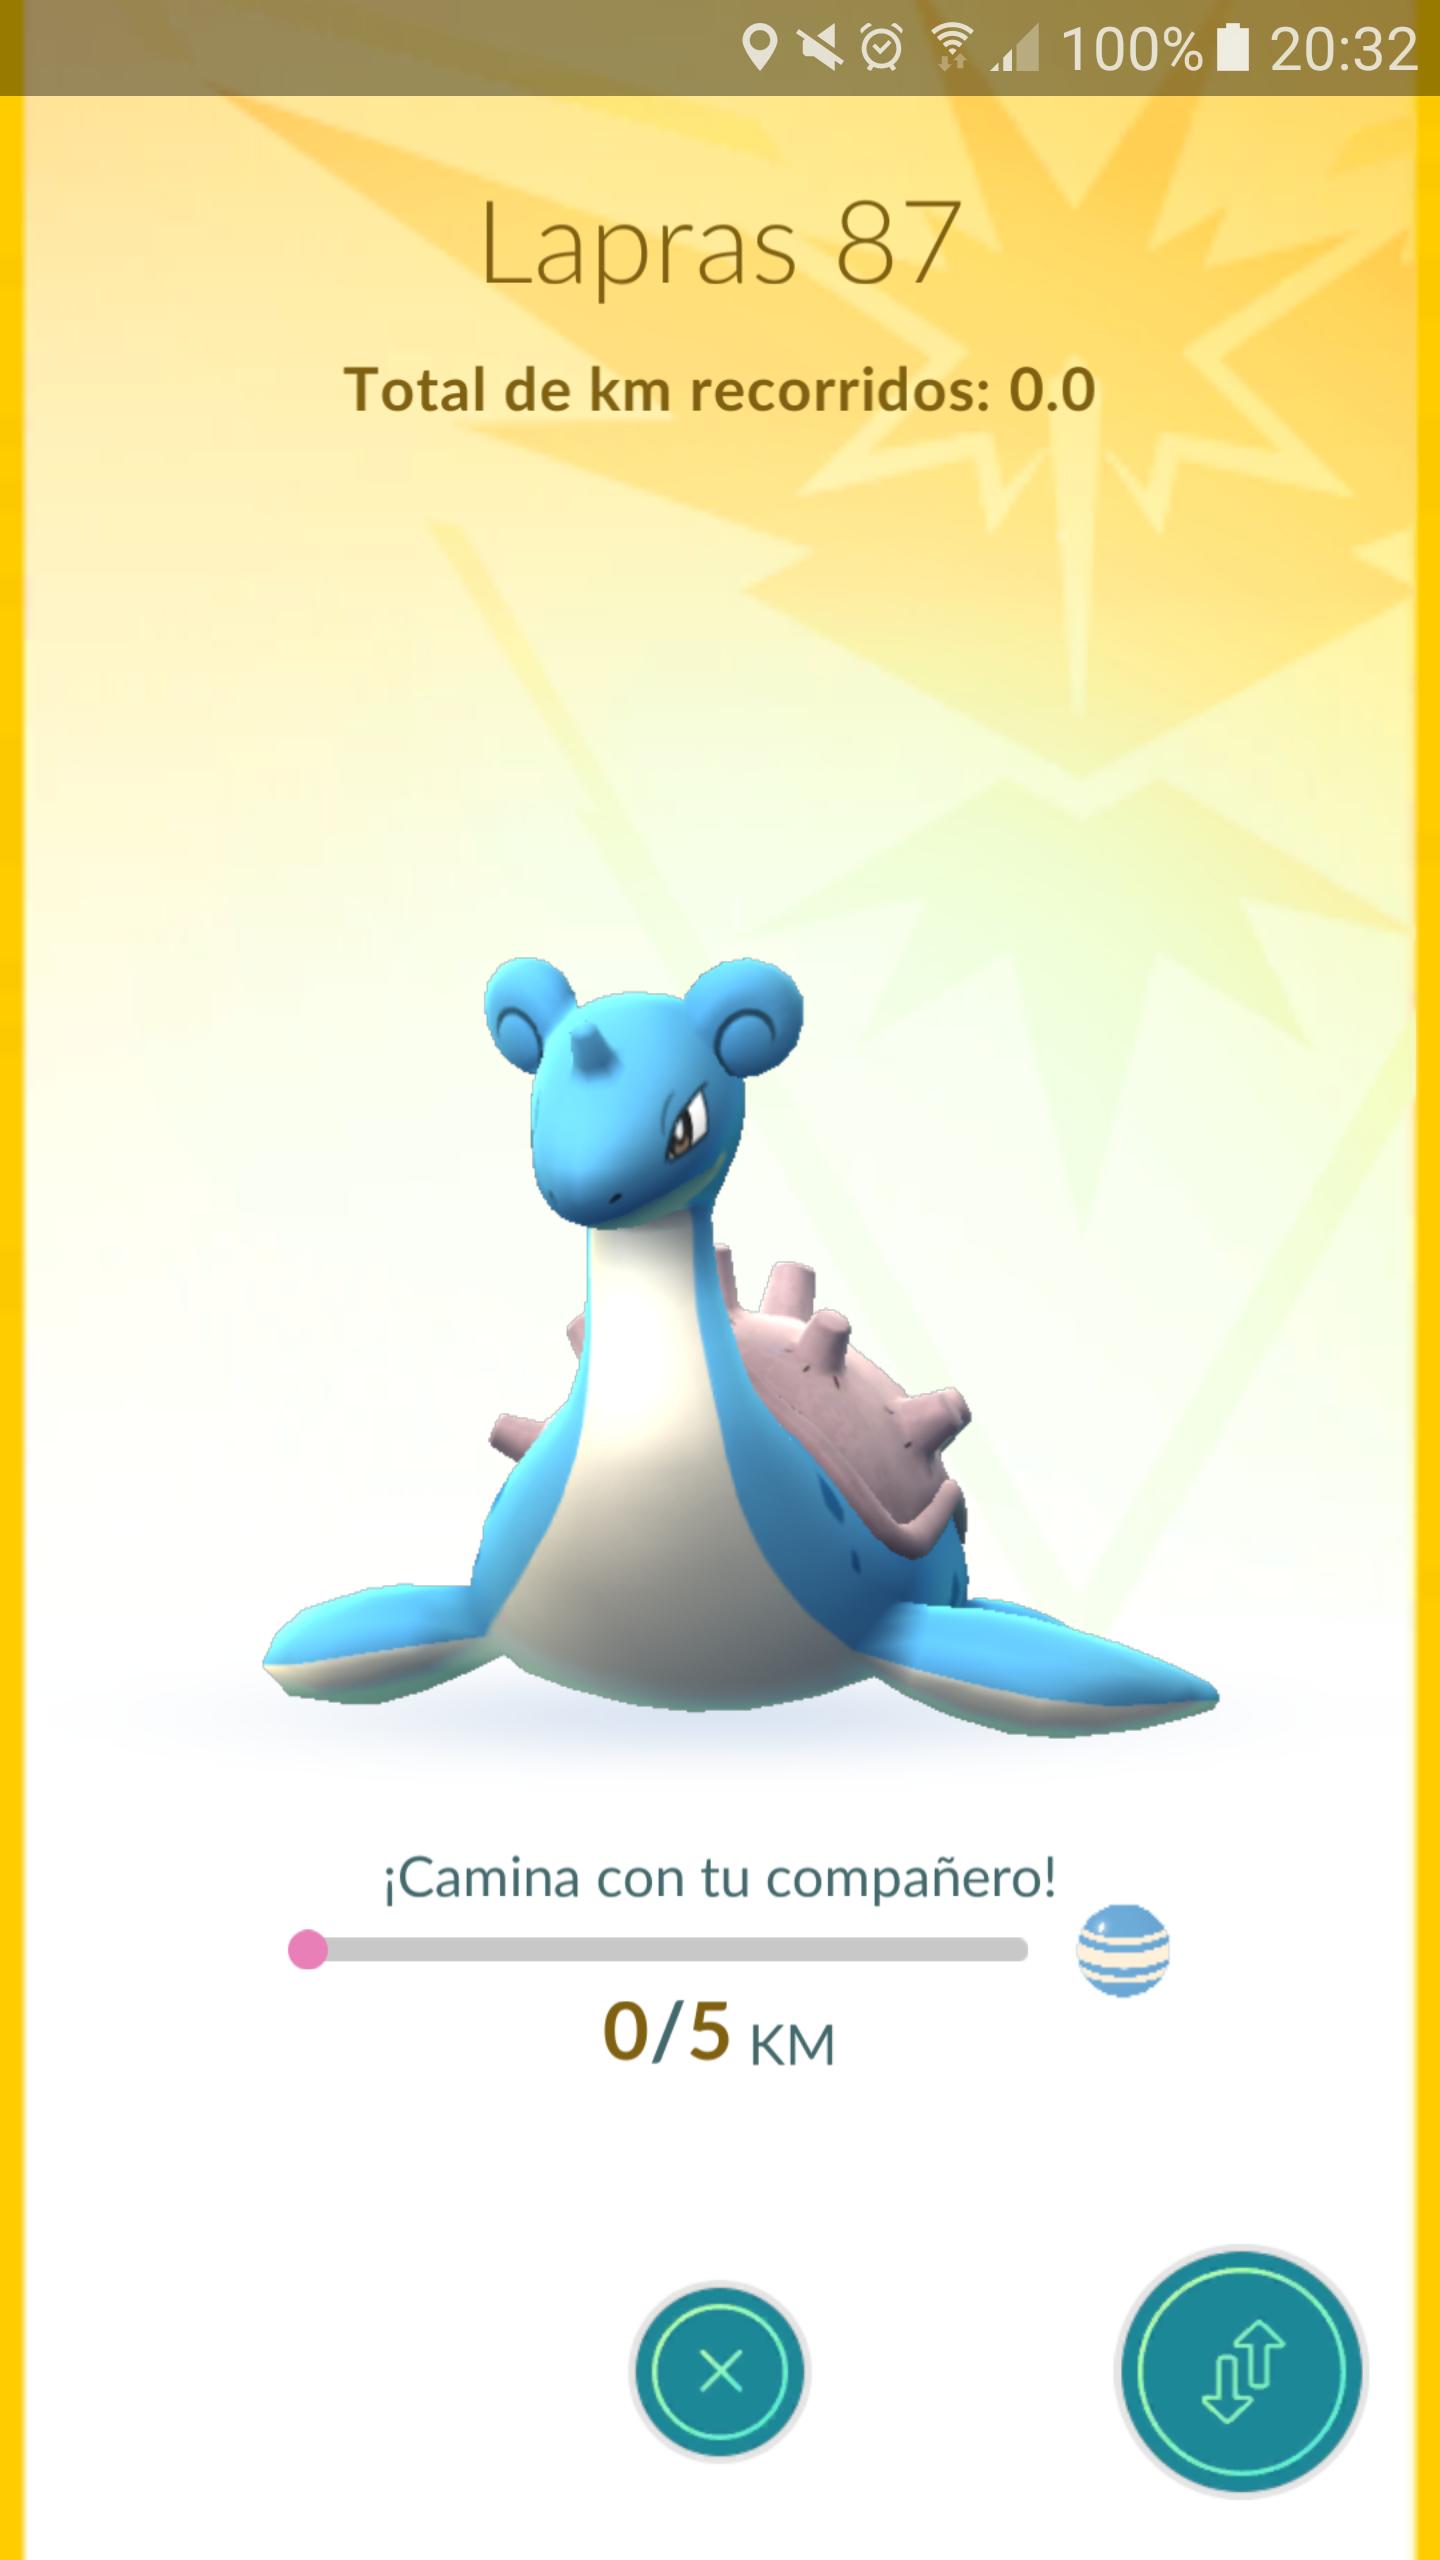 So it's 5km per candy for buddy Lapras Pokemon, Buddy